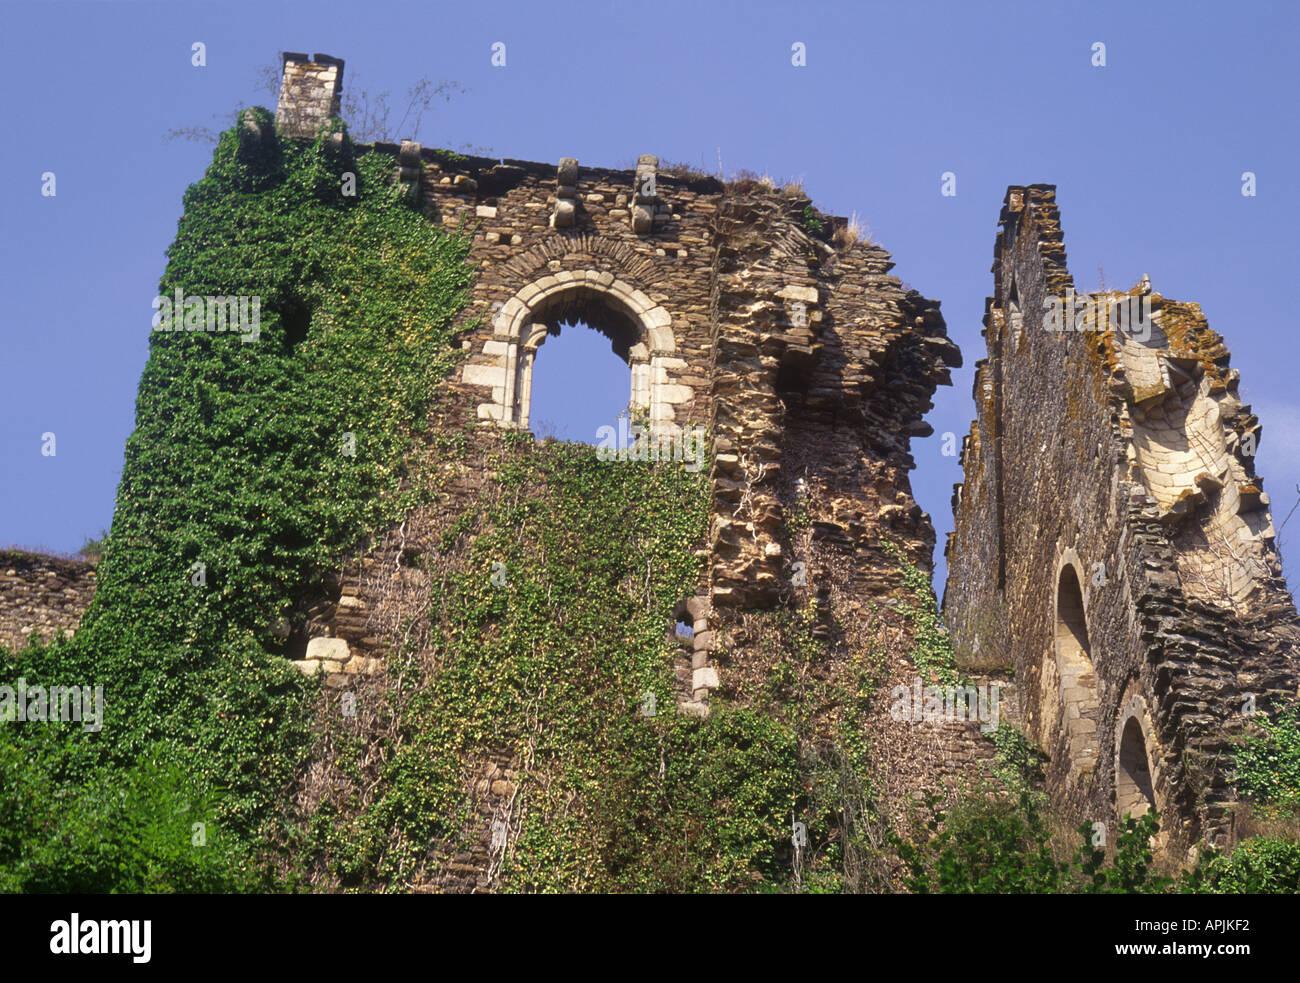 France Le Vigen Castle of Chalucet X11c Haute Vienne Region Middle Ages Europe - Stock Image